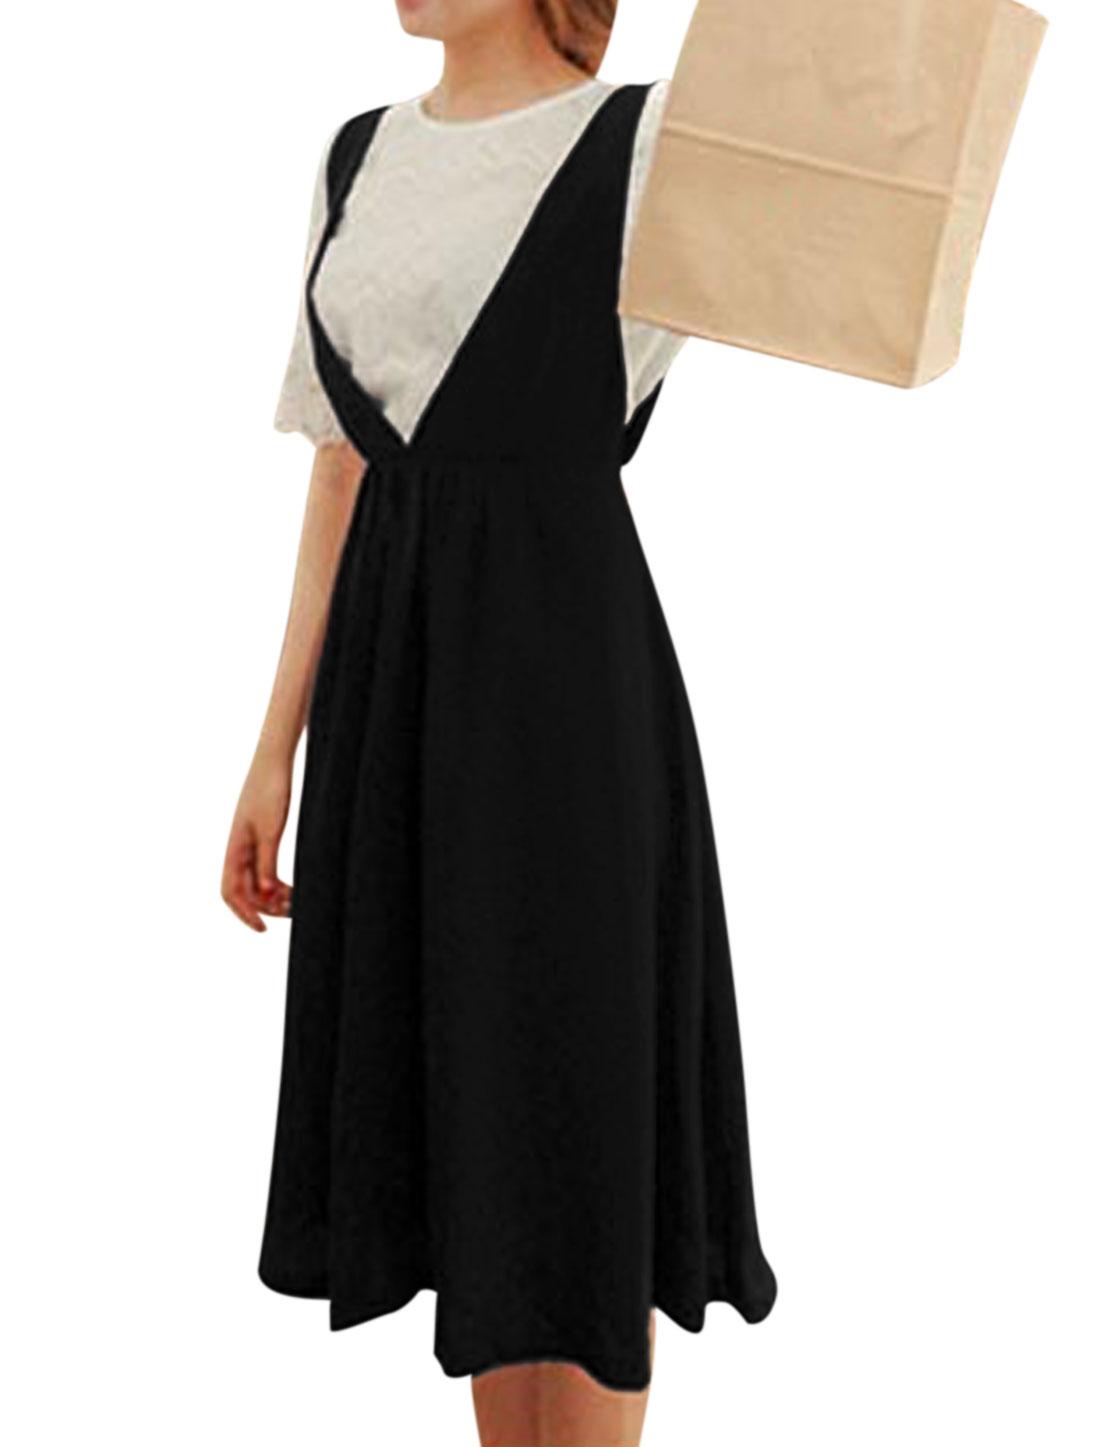 Women Sleeveless Elastic Waist Unlined Suspender Skirt Black S